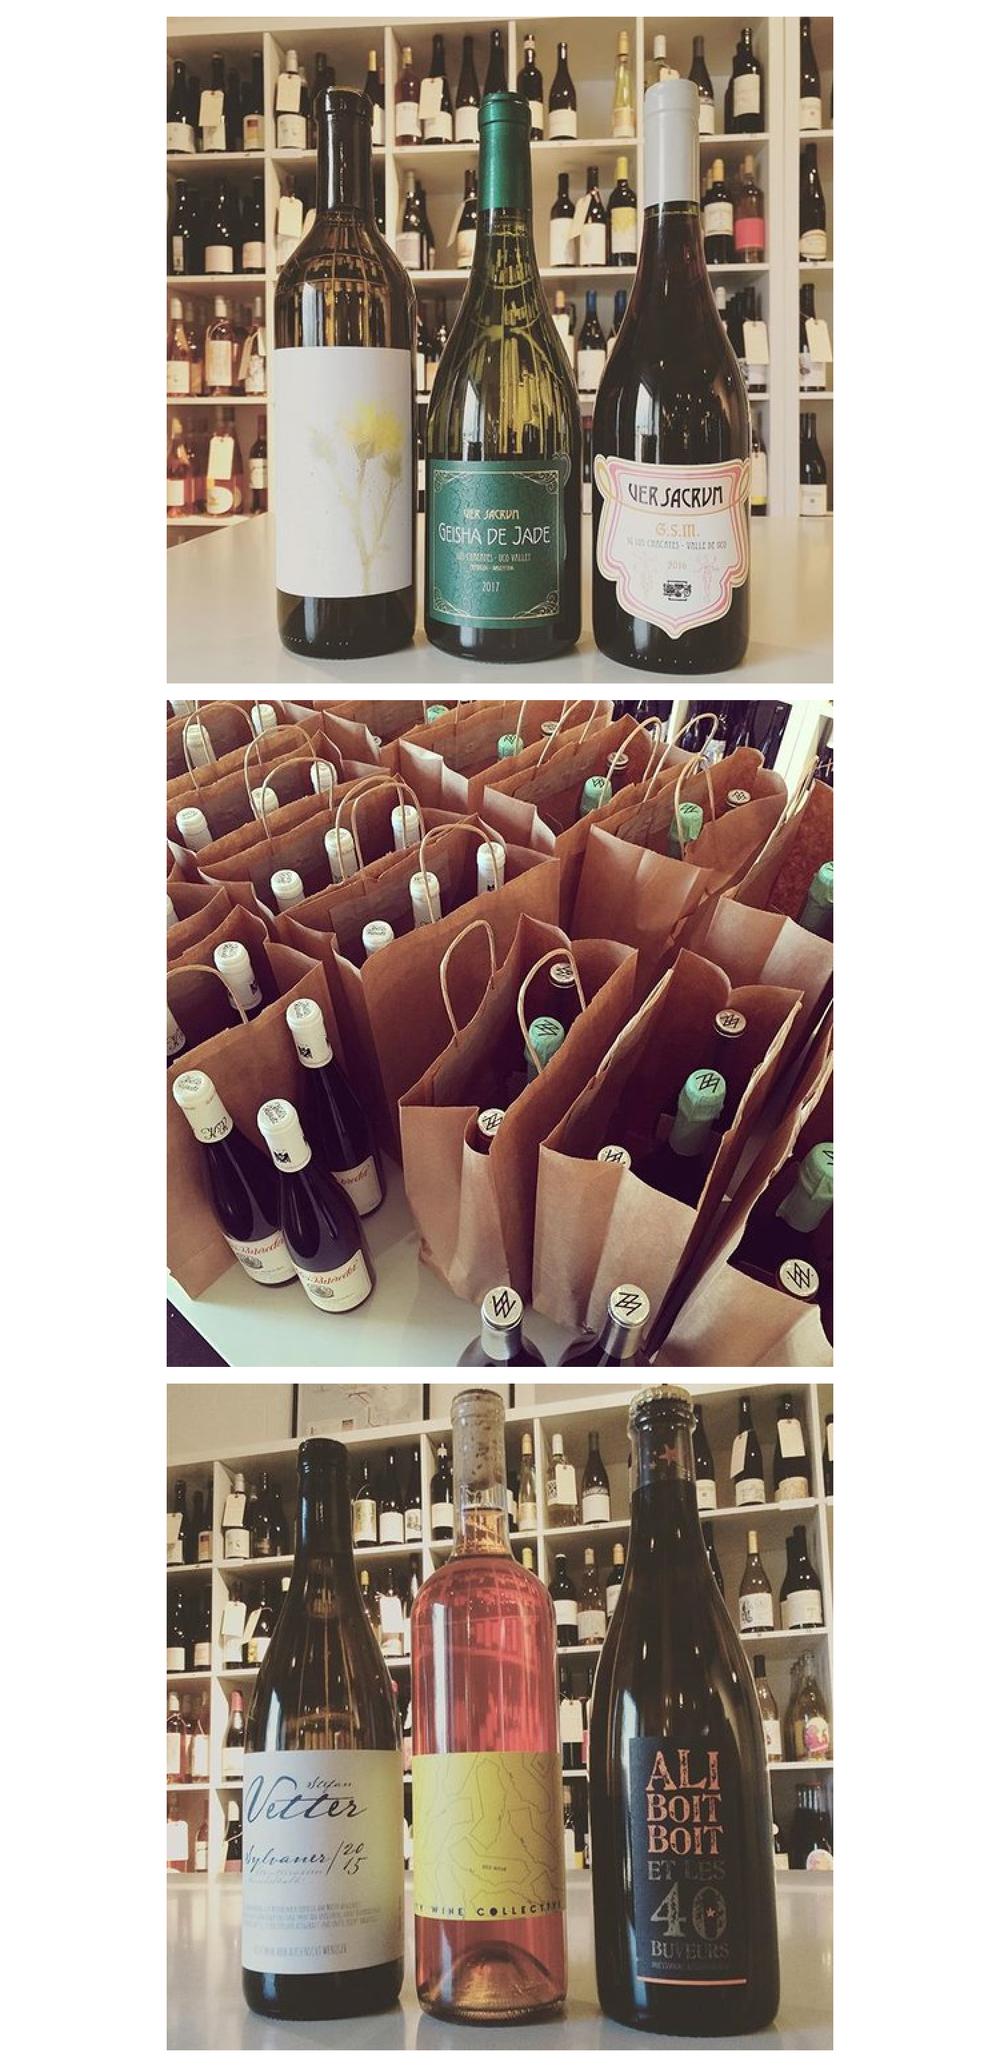 bottle service wine club